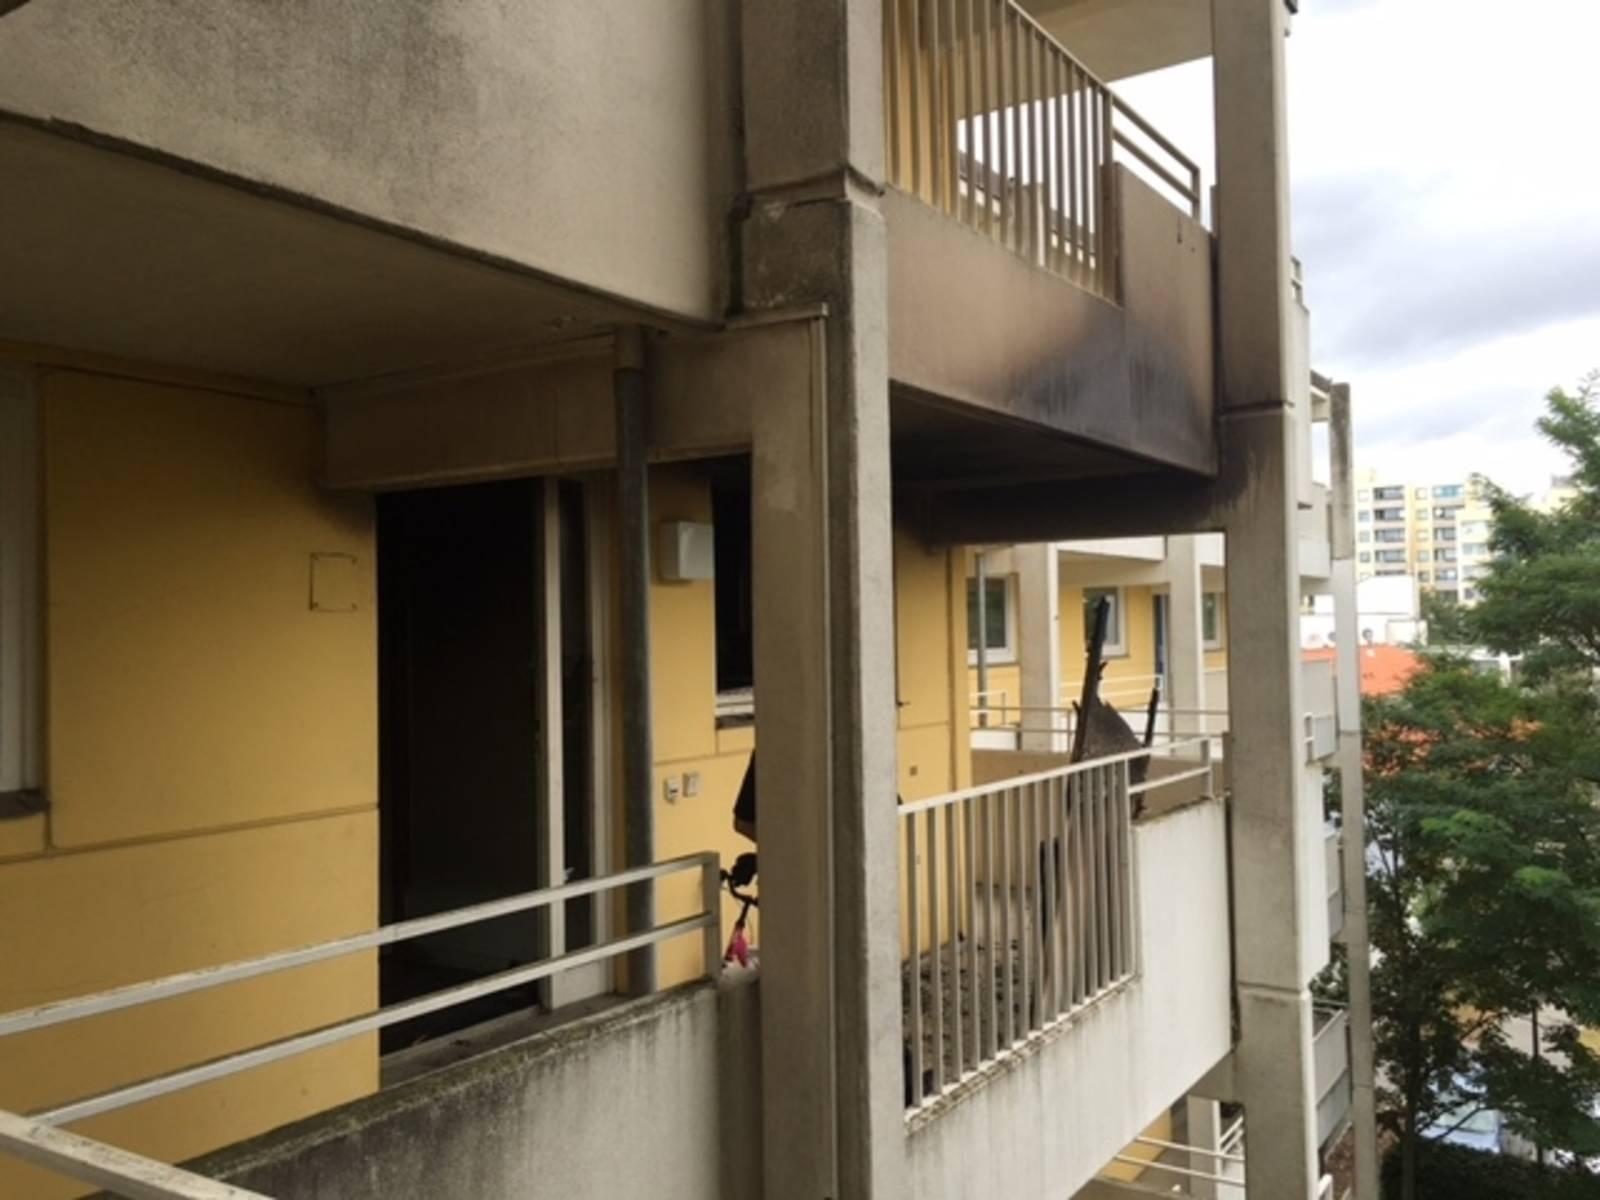 Durch die durchgebrannte Eingangstür schlugen die Flammen in den Laubengang und drohten auf das darüberleigenden Geschoss überzugreifen.